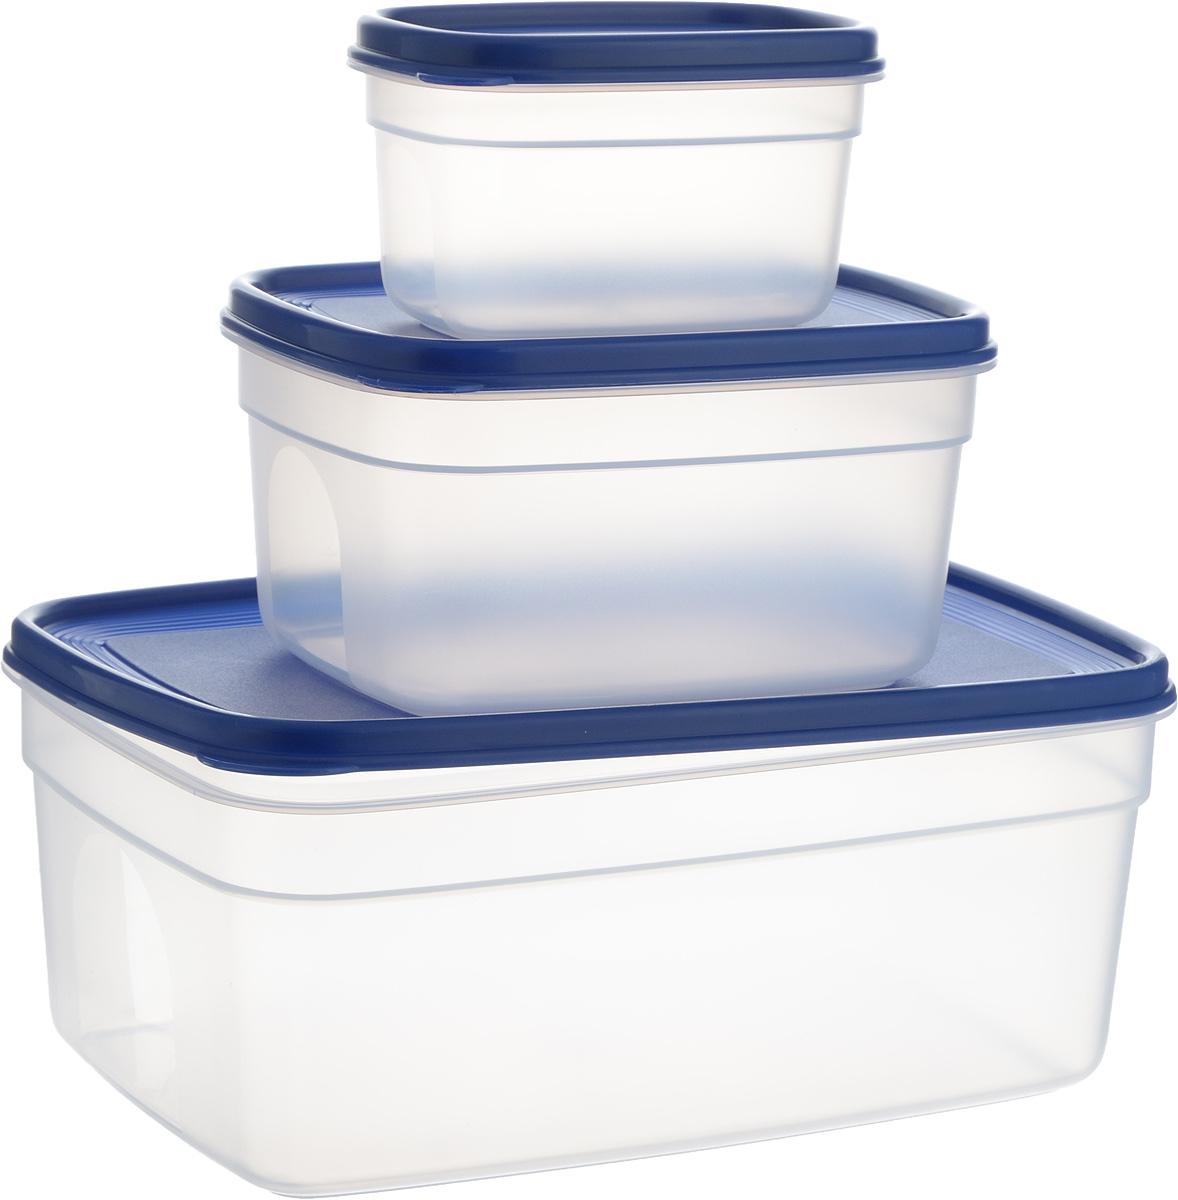 Набор контейнеров Emsa Superline, 3 шт4630003364517Набор контейнеров Emsa Superline состоит из 3 прямоугольных контейнеров разного размера. Контейнеры выполнены из прочного пищевого пластика без содержания BPA. Изделия имеют плотно закрывающиеся мягкие крышки, которые позволяют продуктам дольше оставаться свежими и защищают от попадания грязи и влаги. Набор отлично подойдет для использования дома и на даче, контейнеры небольших размеров удобно брать с собой на работу или учебу. Изделия можно использовать в СВЧ при температуре до +110°С, ставить в холодильник при температуре -40°С, а также мыть в посудомоечной машине. Крышки выдерживают температуру от -40°С до +80°С. Объем контейнеров: 500 мл, 1,7 л, 4,5 л. Размер контейнеров: 14 х 9 х 8 см, 19 х 15 х 10 см, 29 х 19 х 12 см.